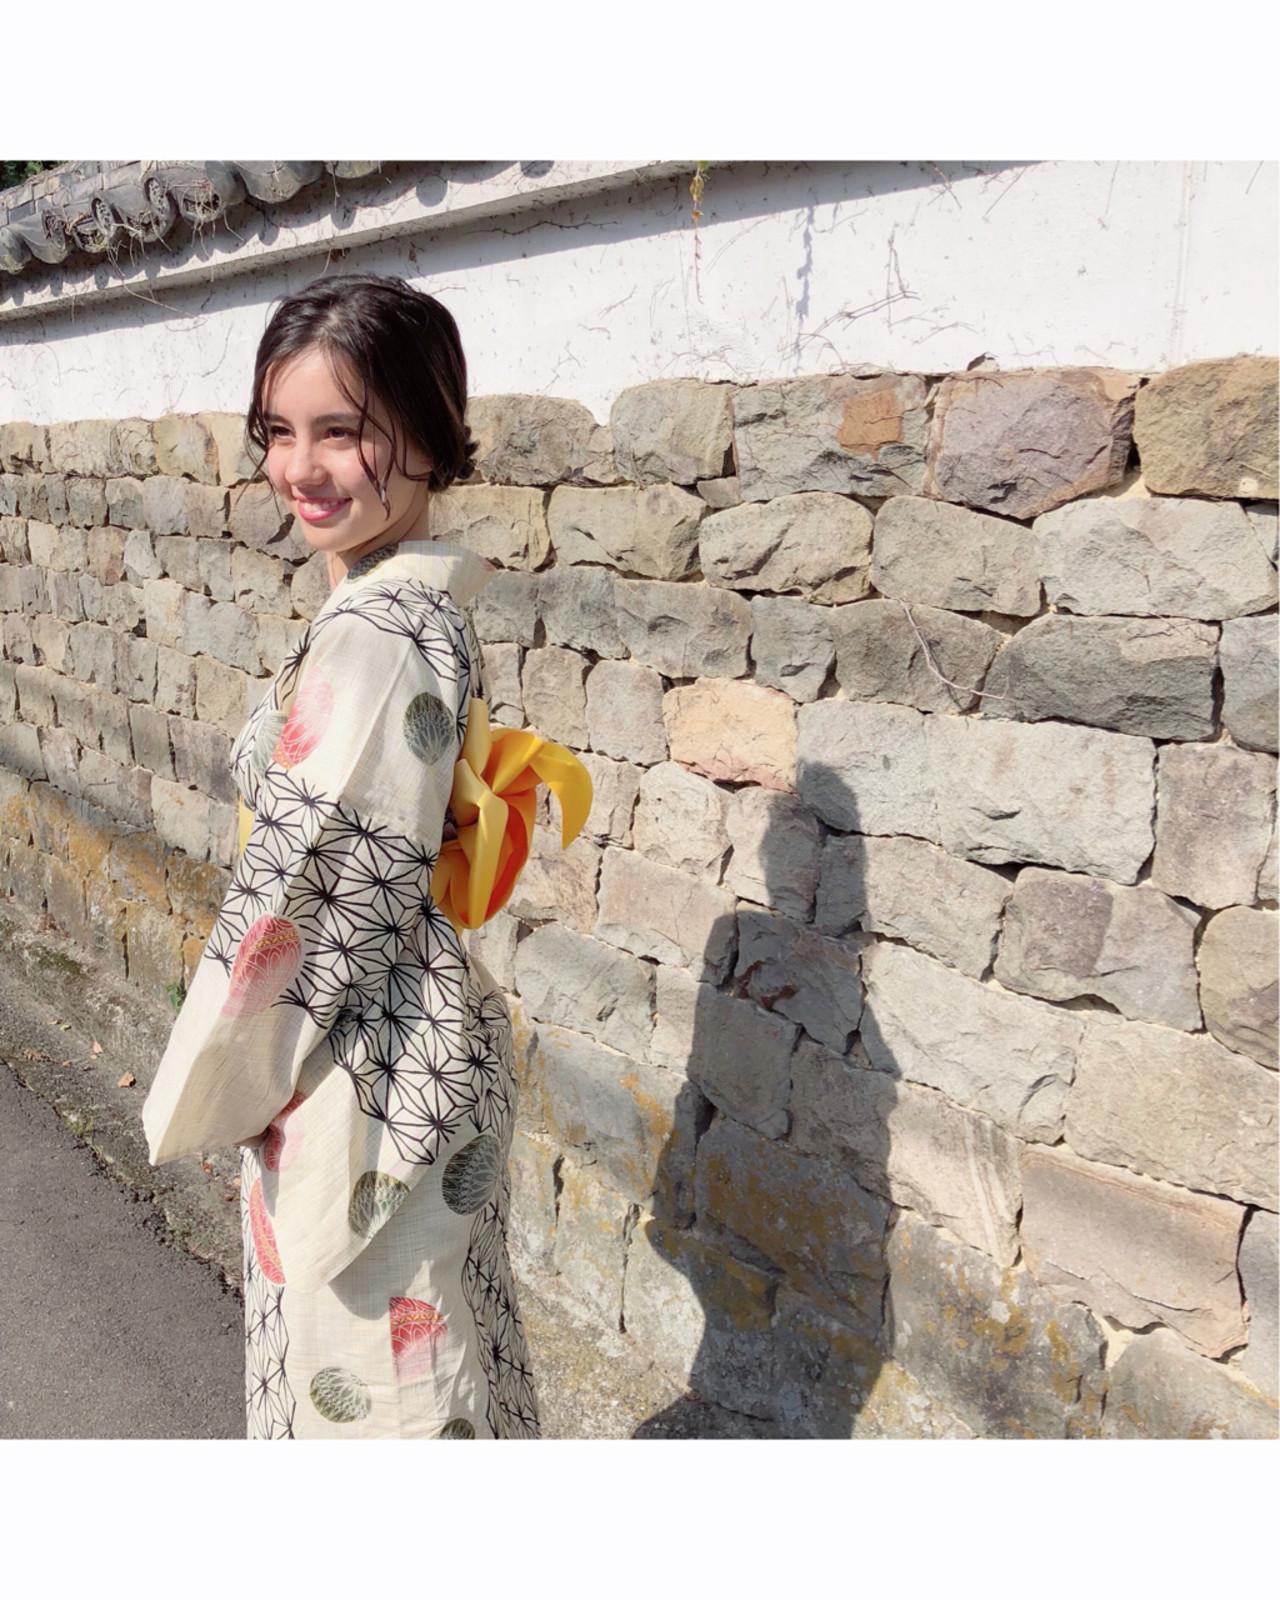 和装 夏 ガーリー 黒髪 ヘアスタイルや髪型の写真・画像 | 川内道子 instagram→michiko_k / Noelle インスタ→michiko_k